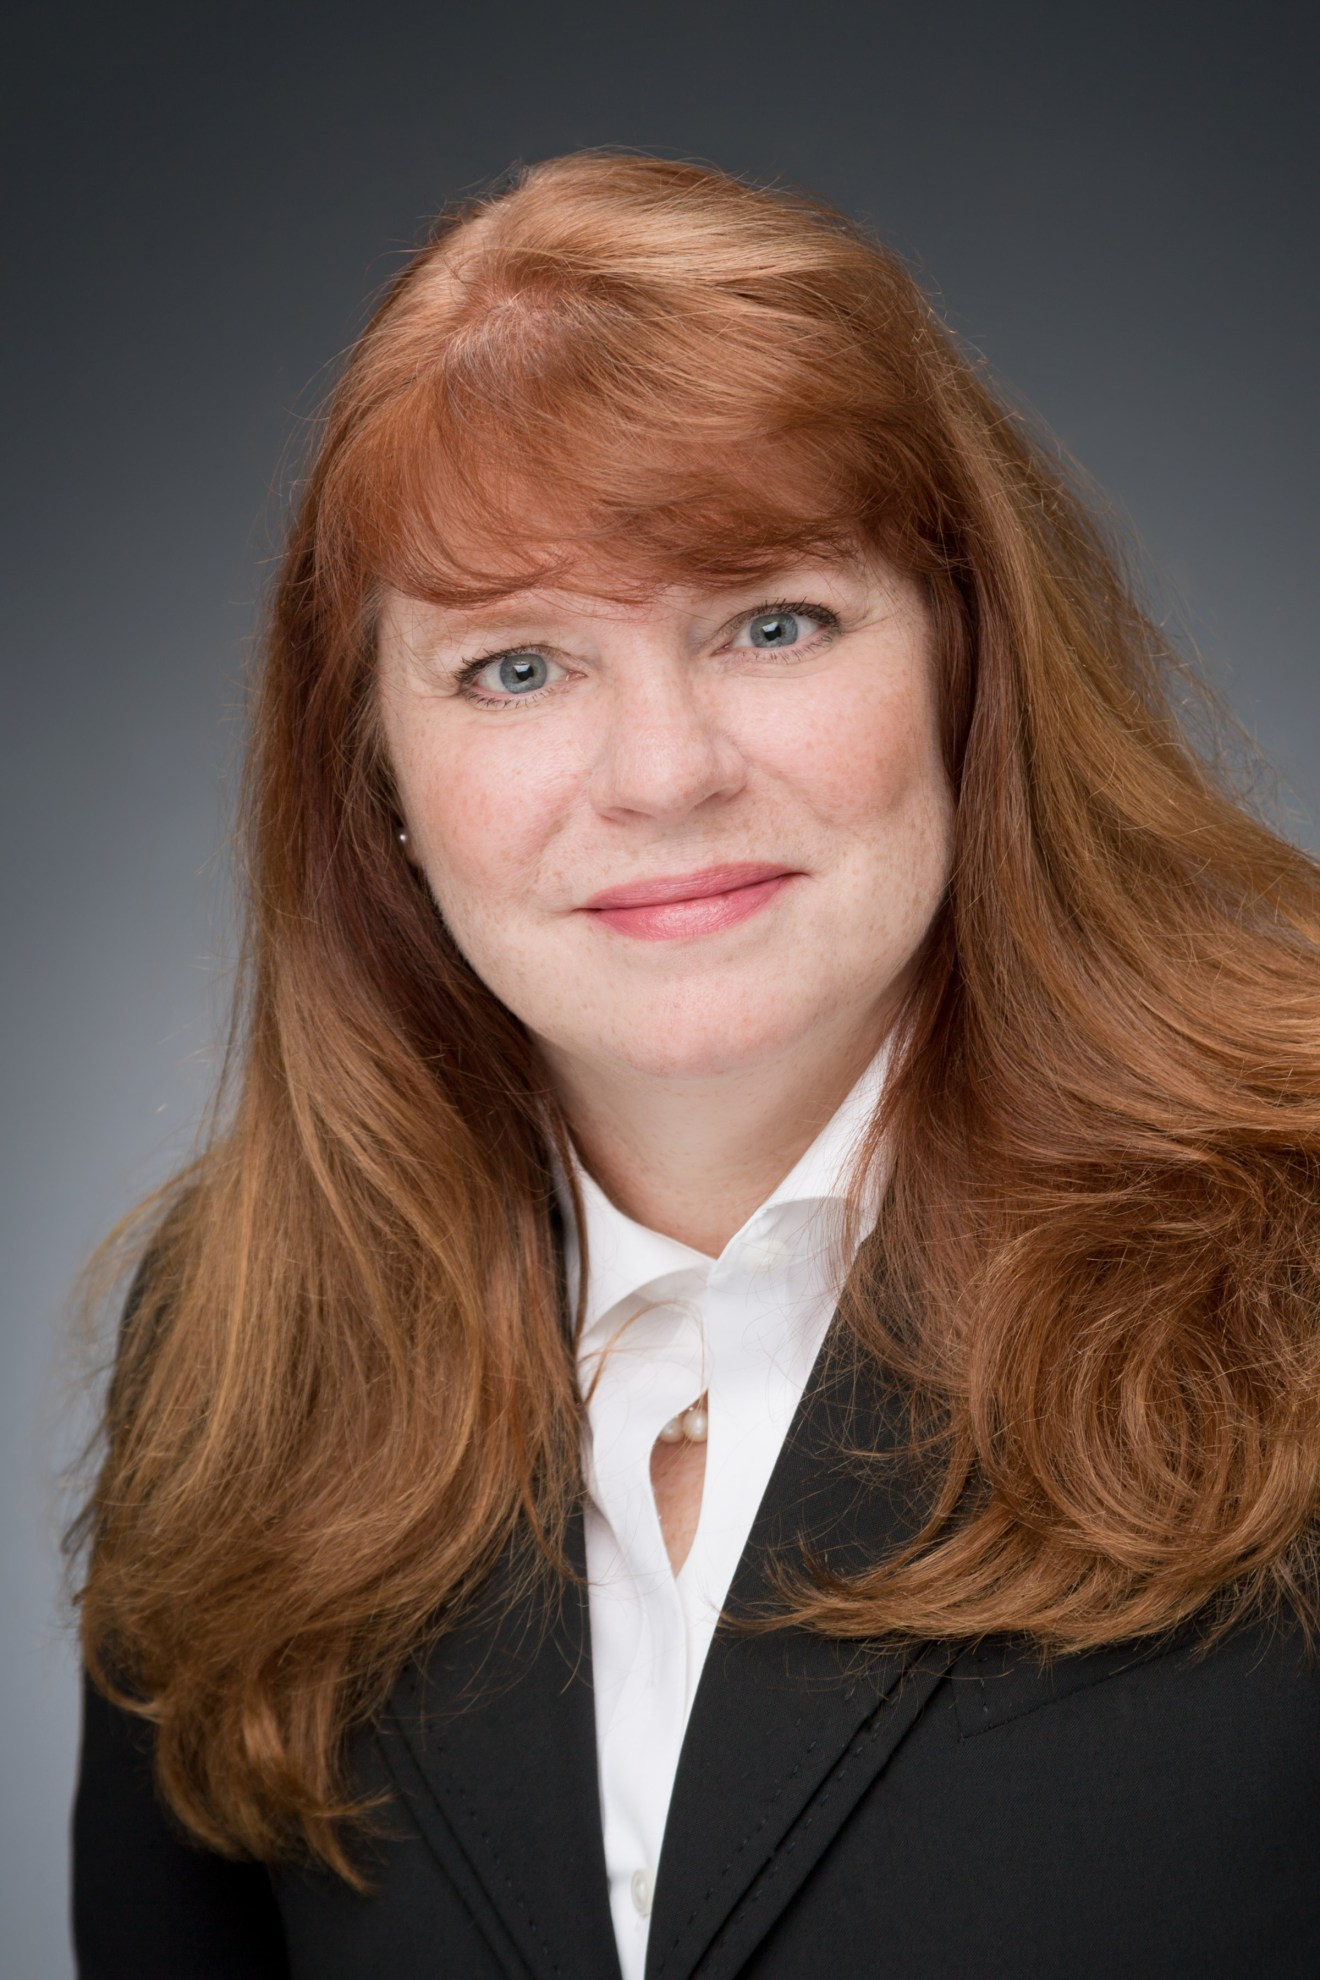 Heather Ronconi-Algermissen